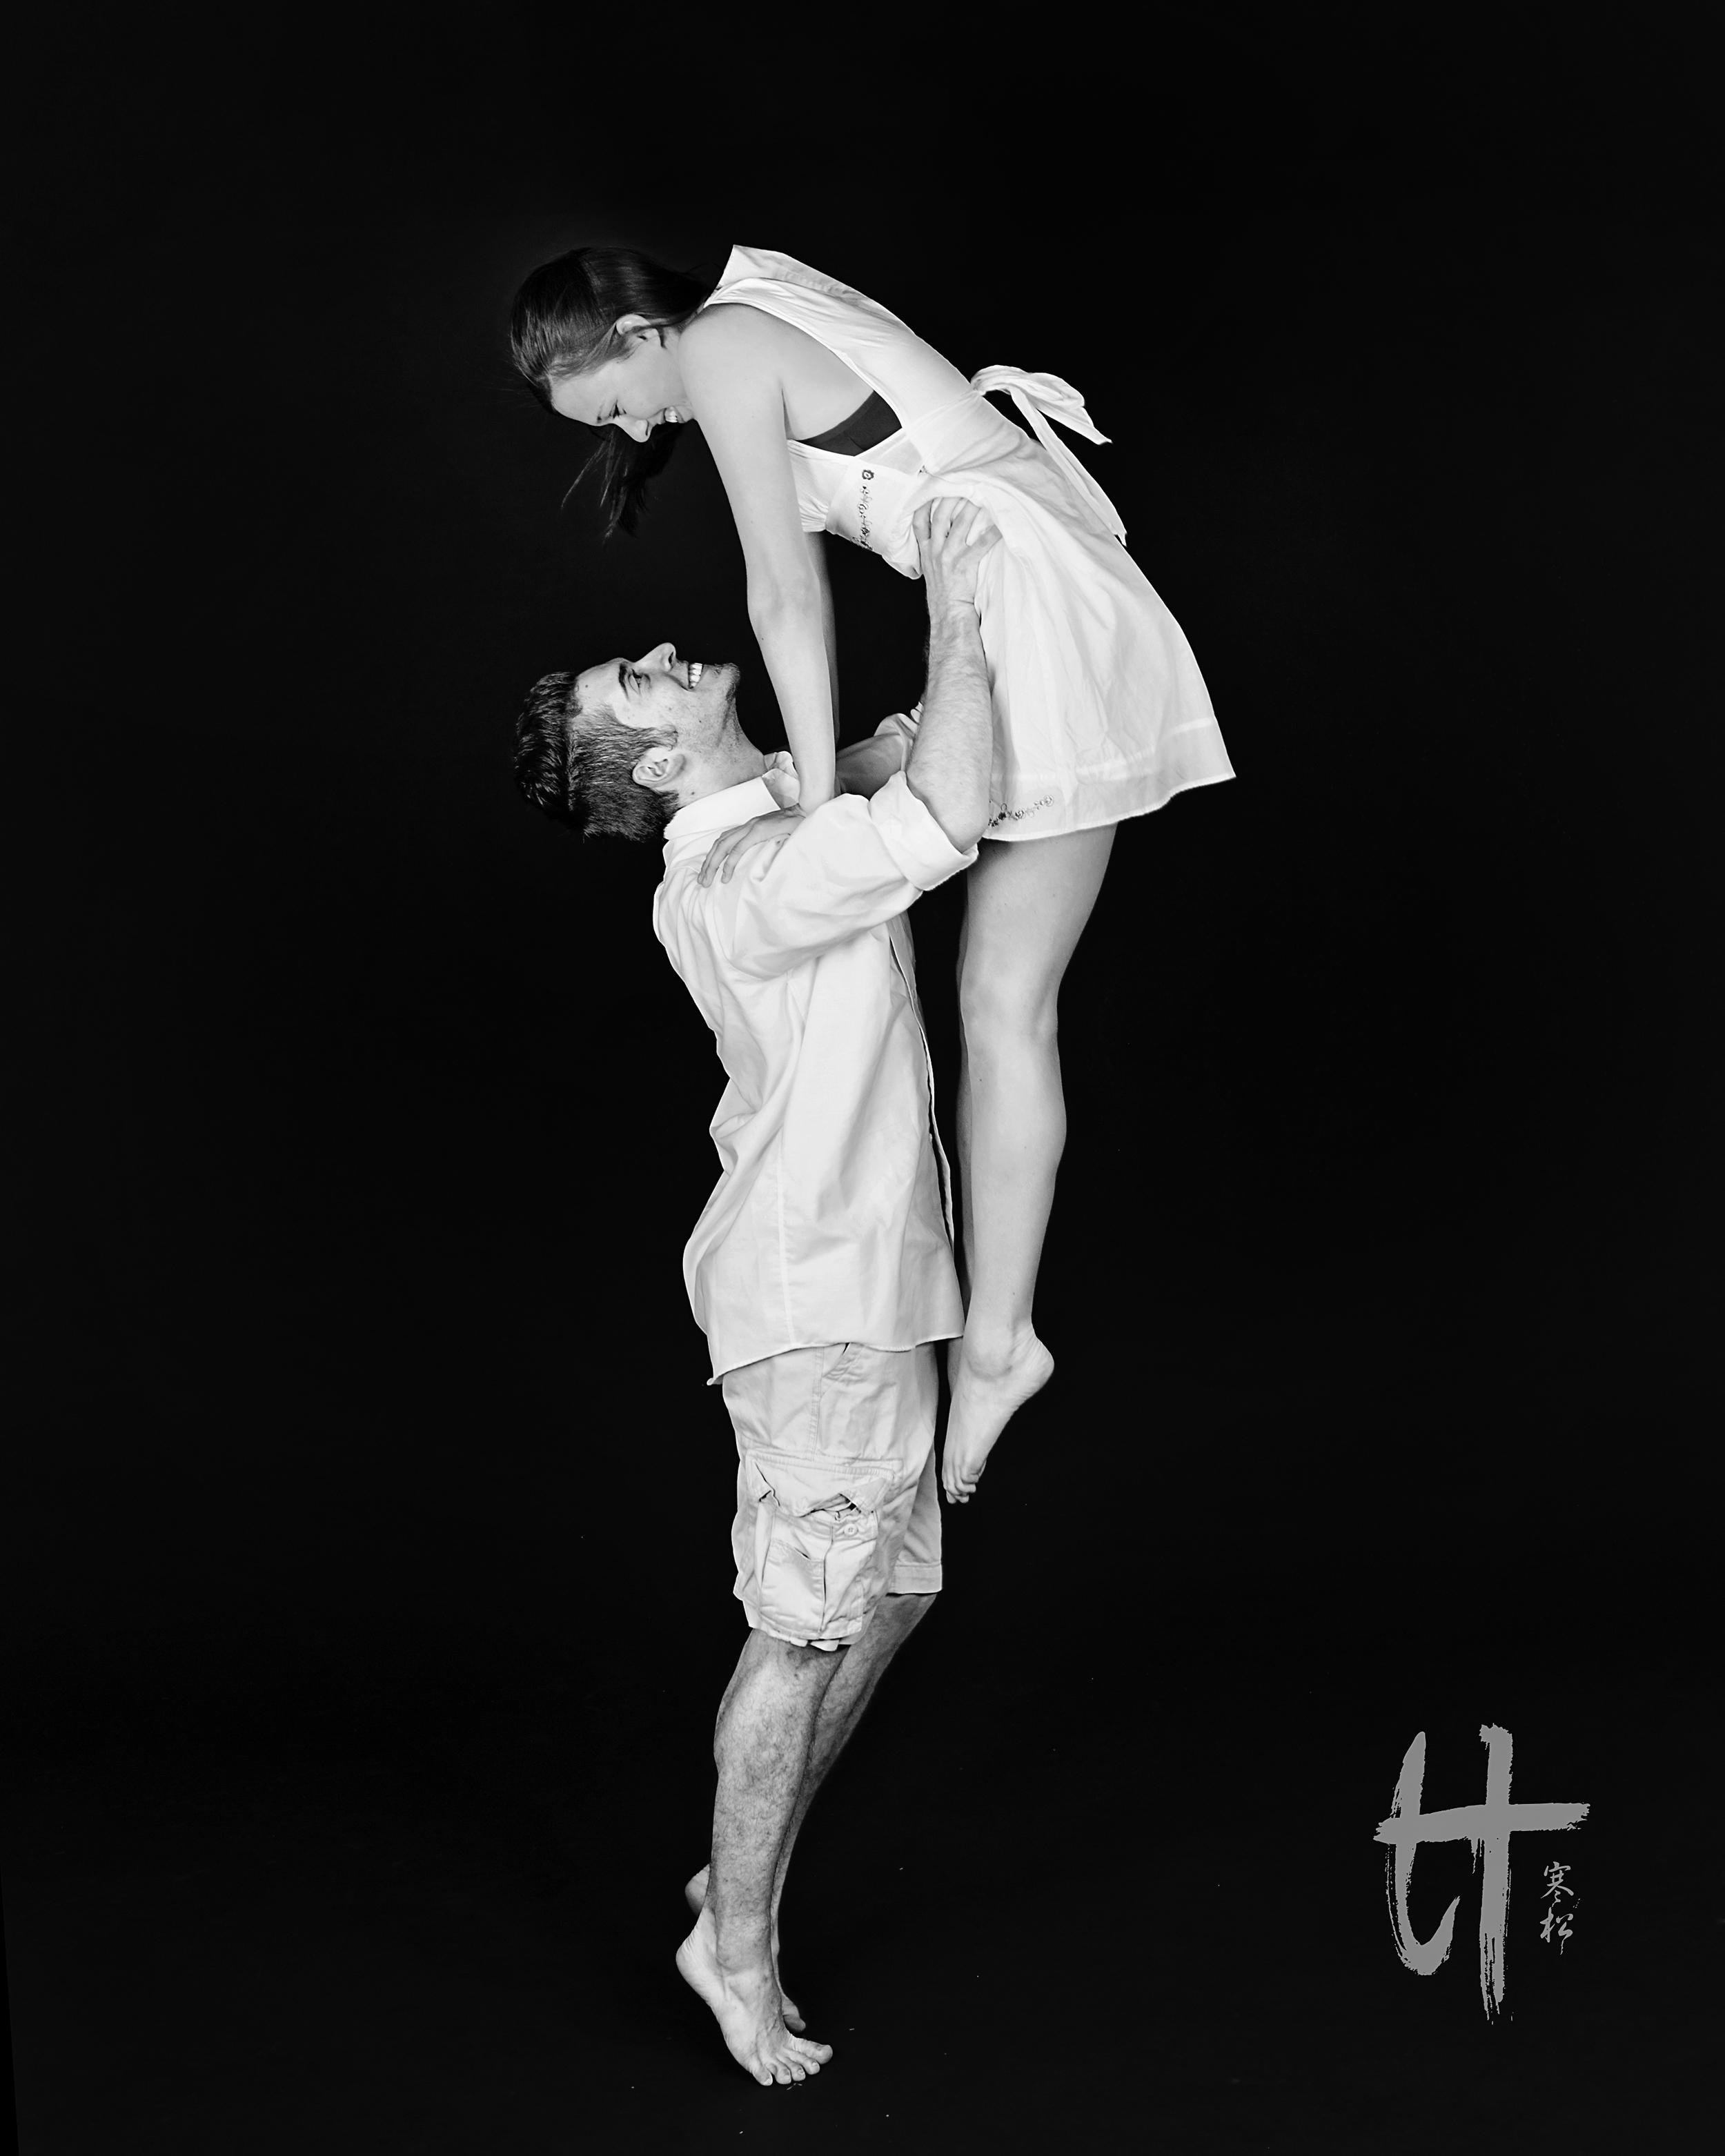 HG_Dance-33.jpg